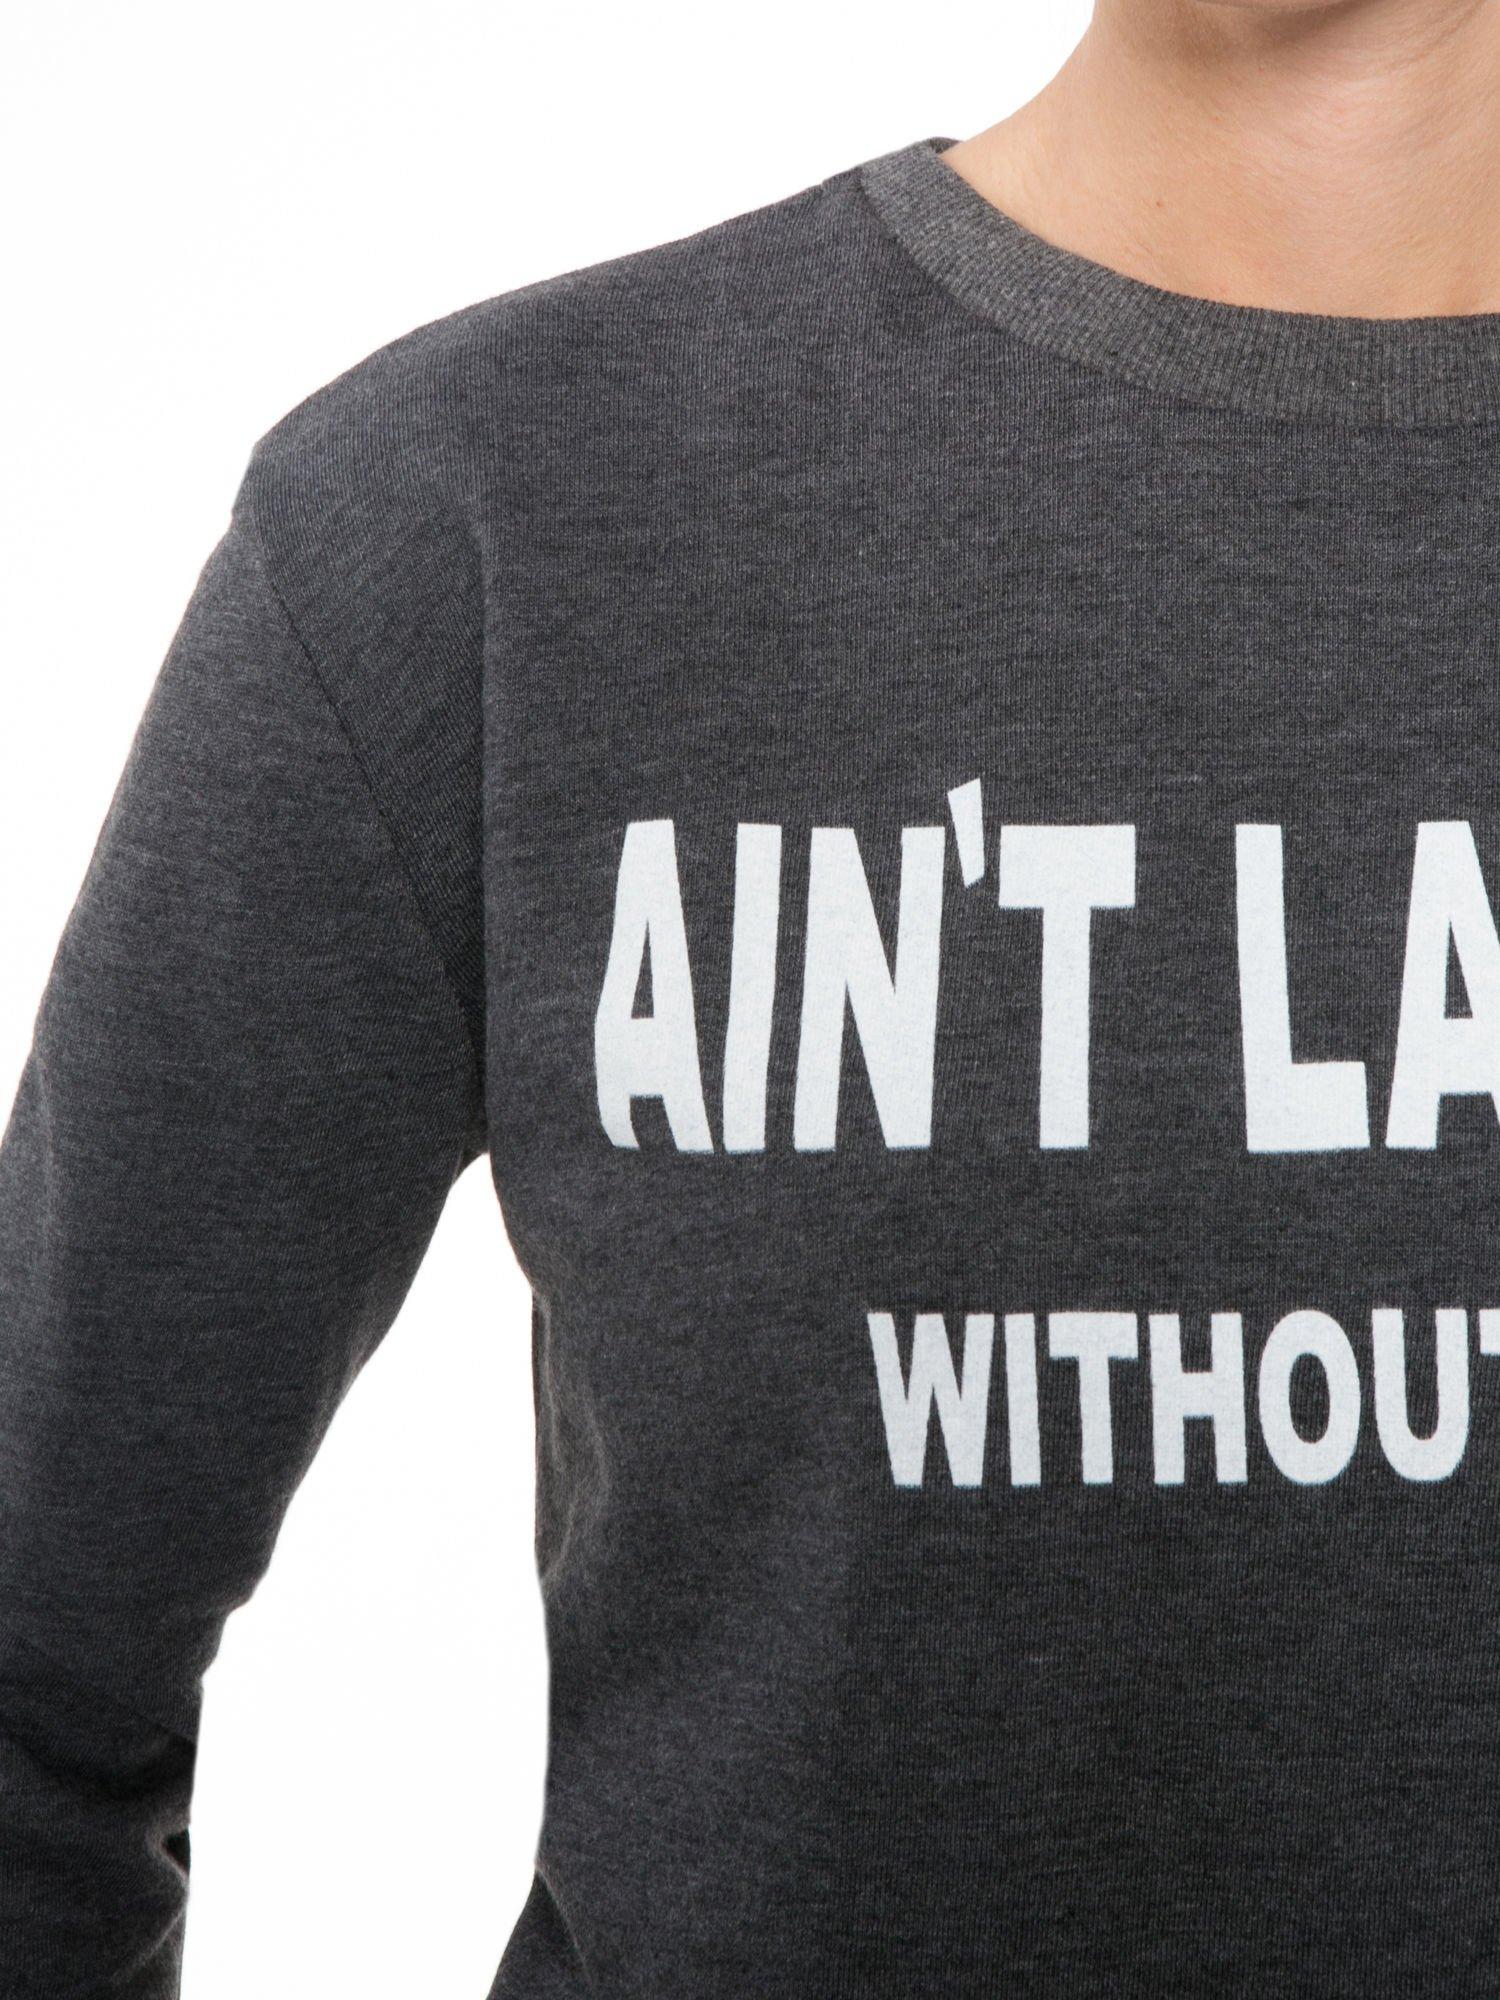 Ciemnoszara bluza z narukiem AIN'T LAURENT WITHOUT YVES                                  zdj.                                  5